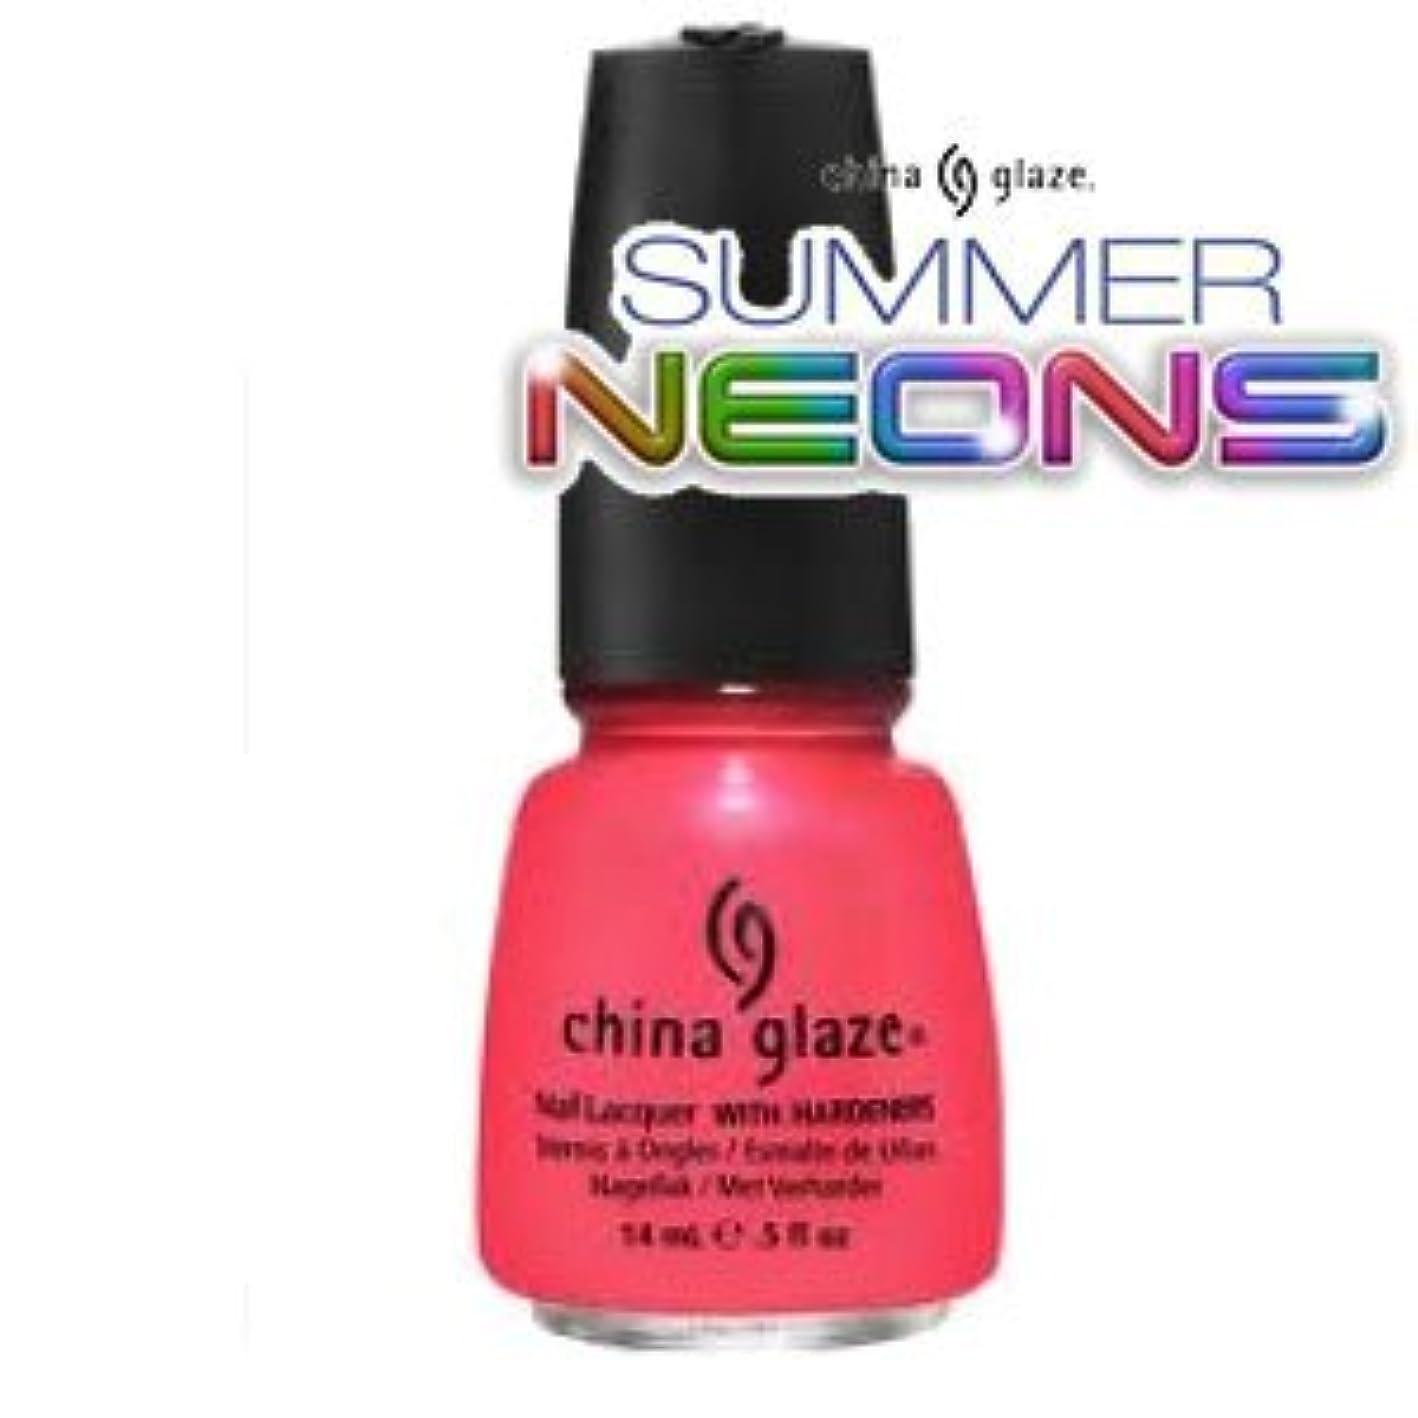 定期的な櫛カウンタ(チャイナグレイズ)China Glaze Flirty Tankiniーサマーネオン コレクション [海外直送品][並行輸入品]